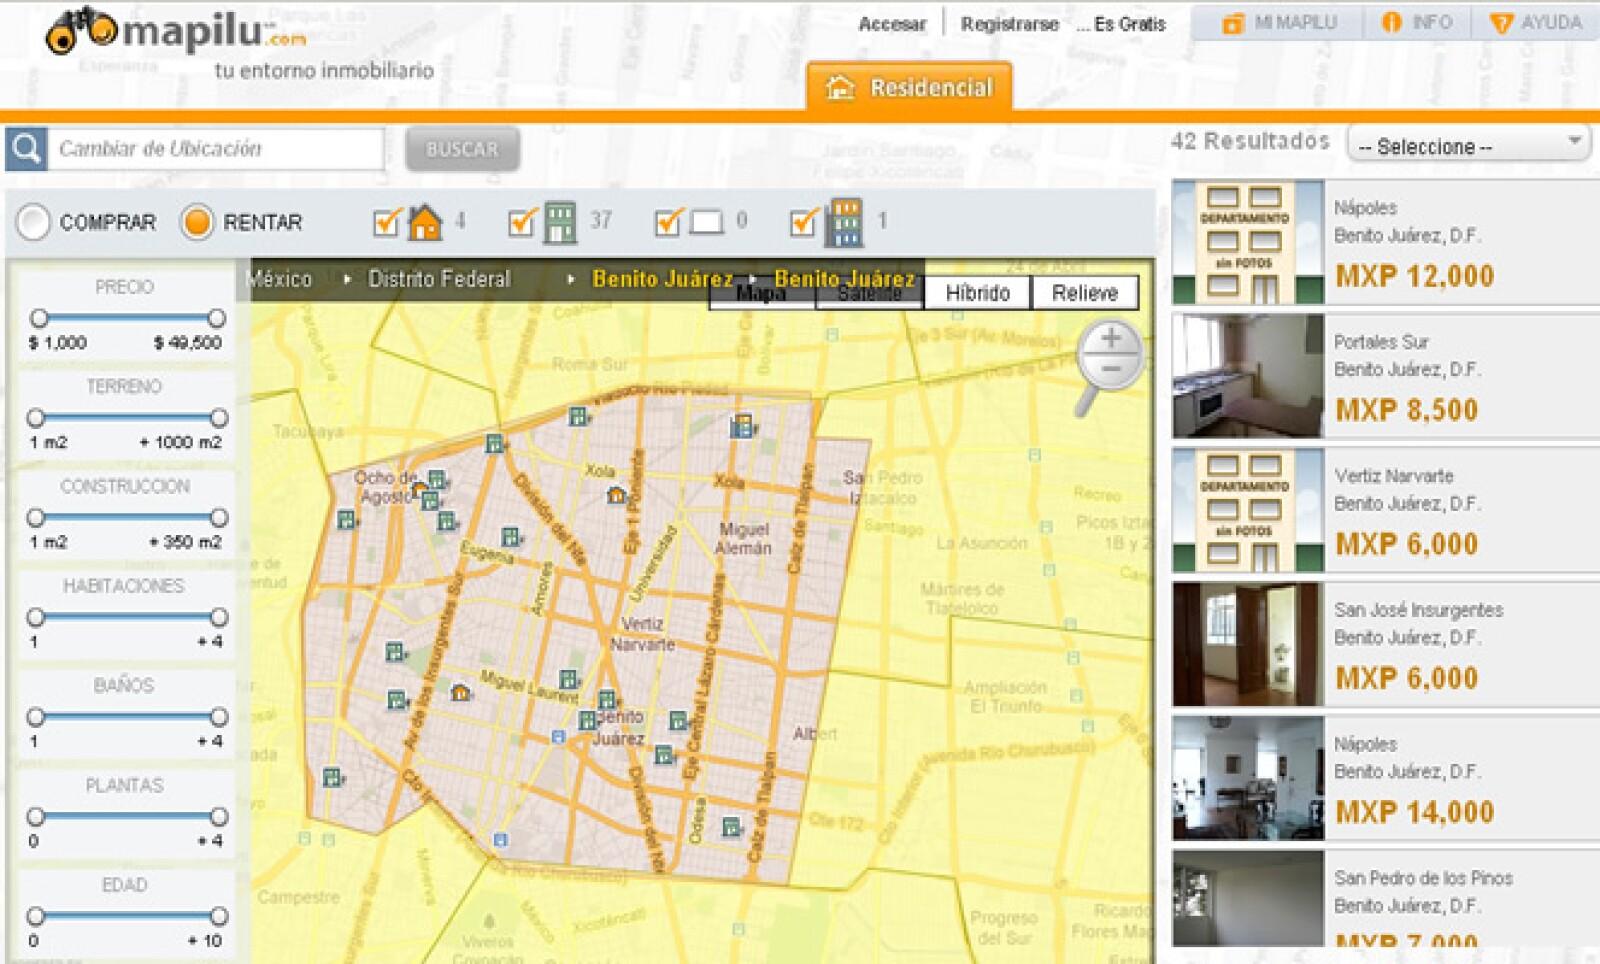 El sistema Mapilu SAPI permite analizar el entorno inmobiliario, buscando las principales necesidades del usuario.